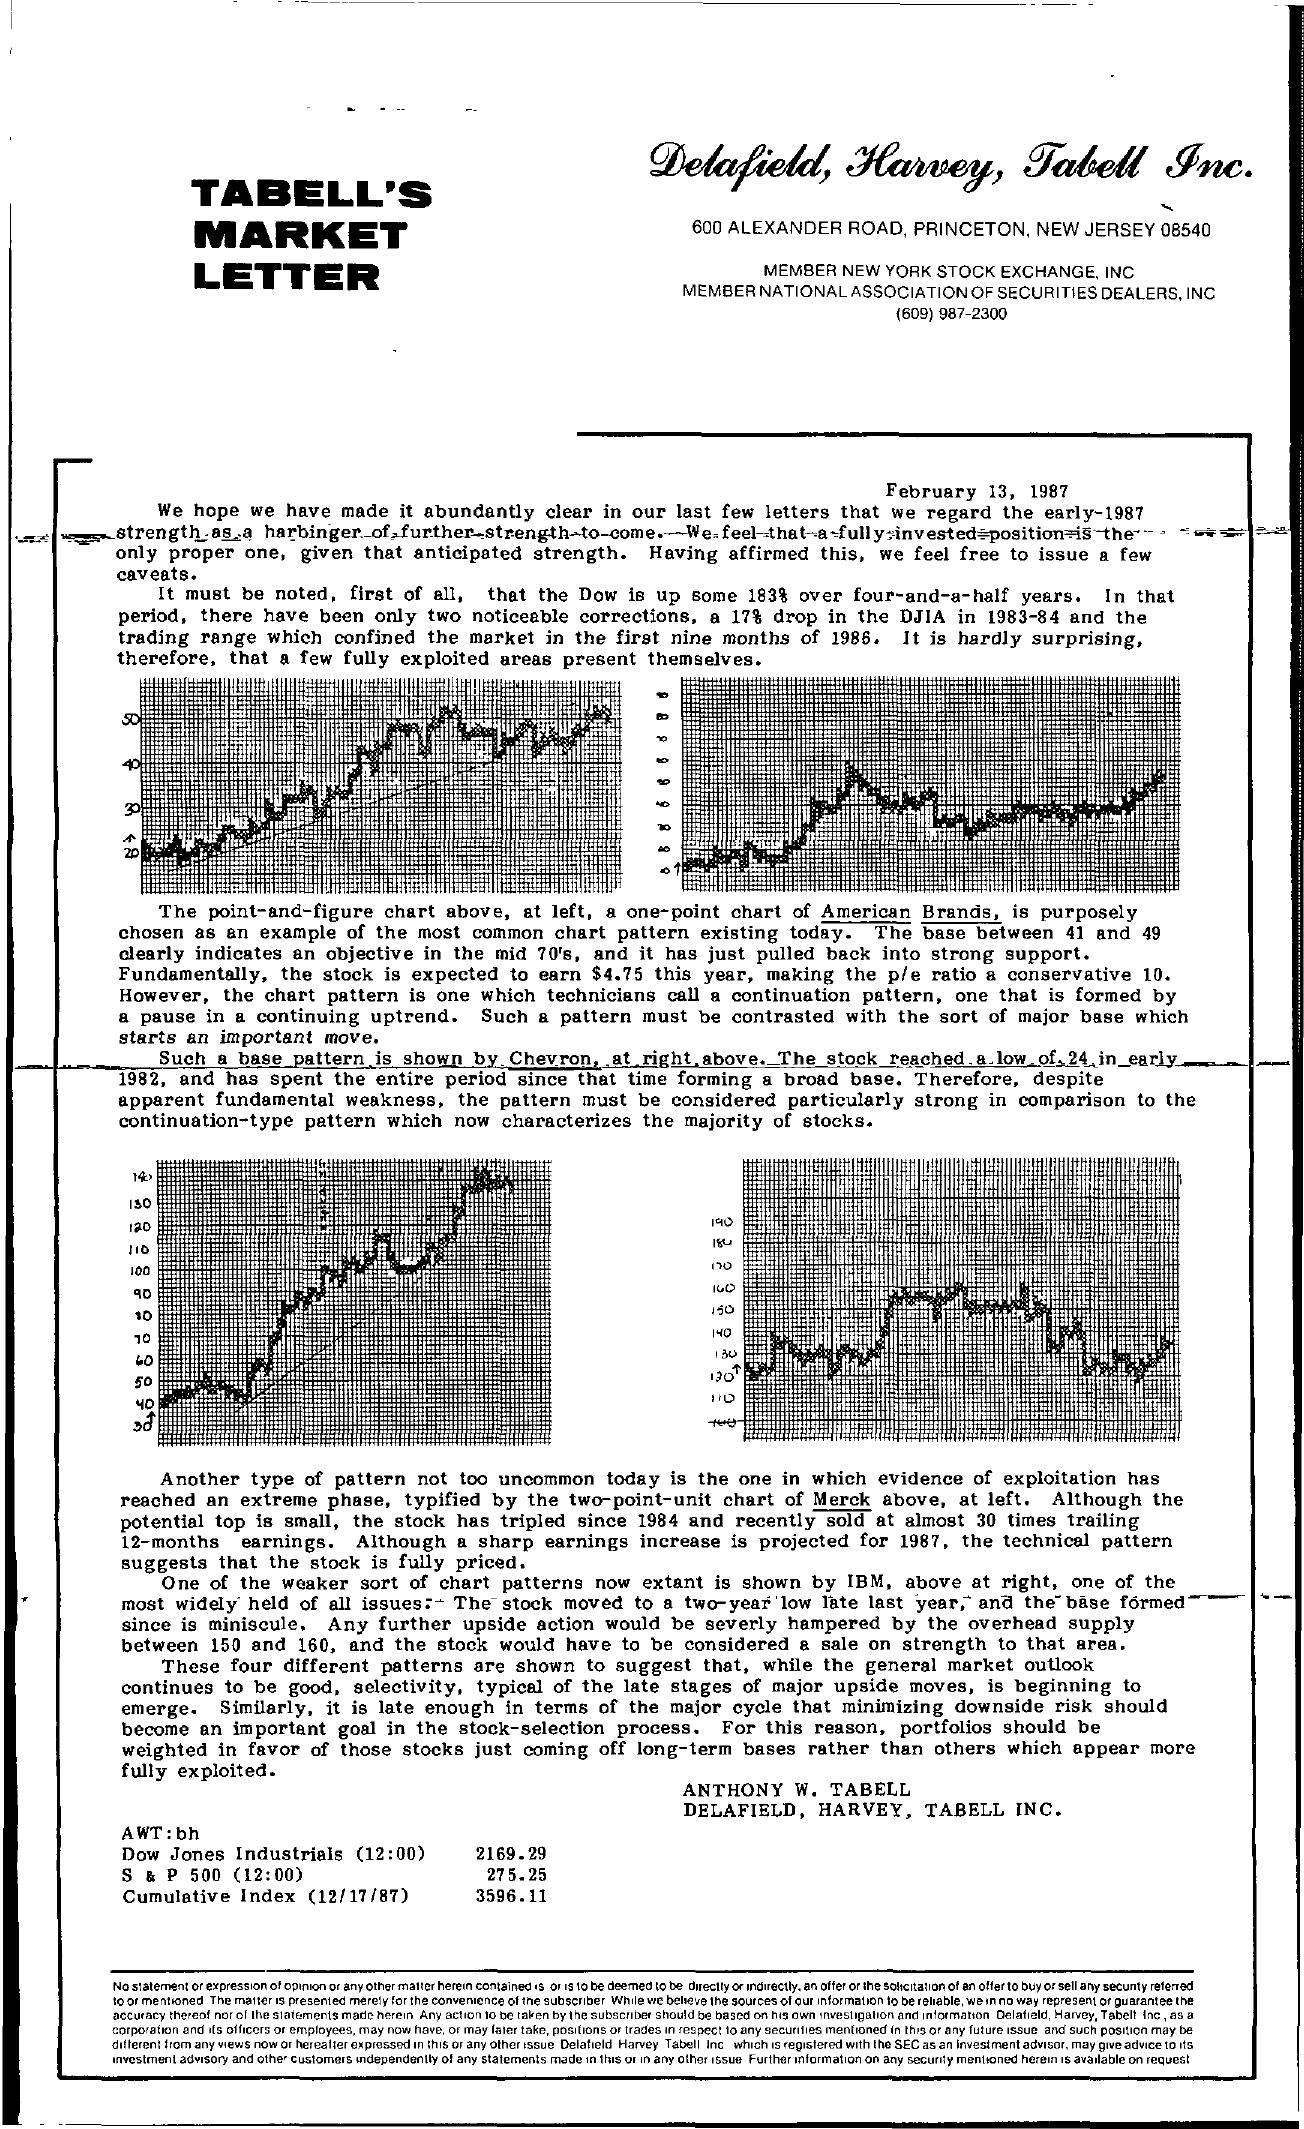 Tabell's Market Letter - February 13, 1987